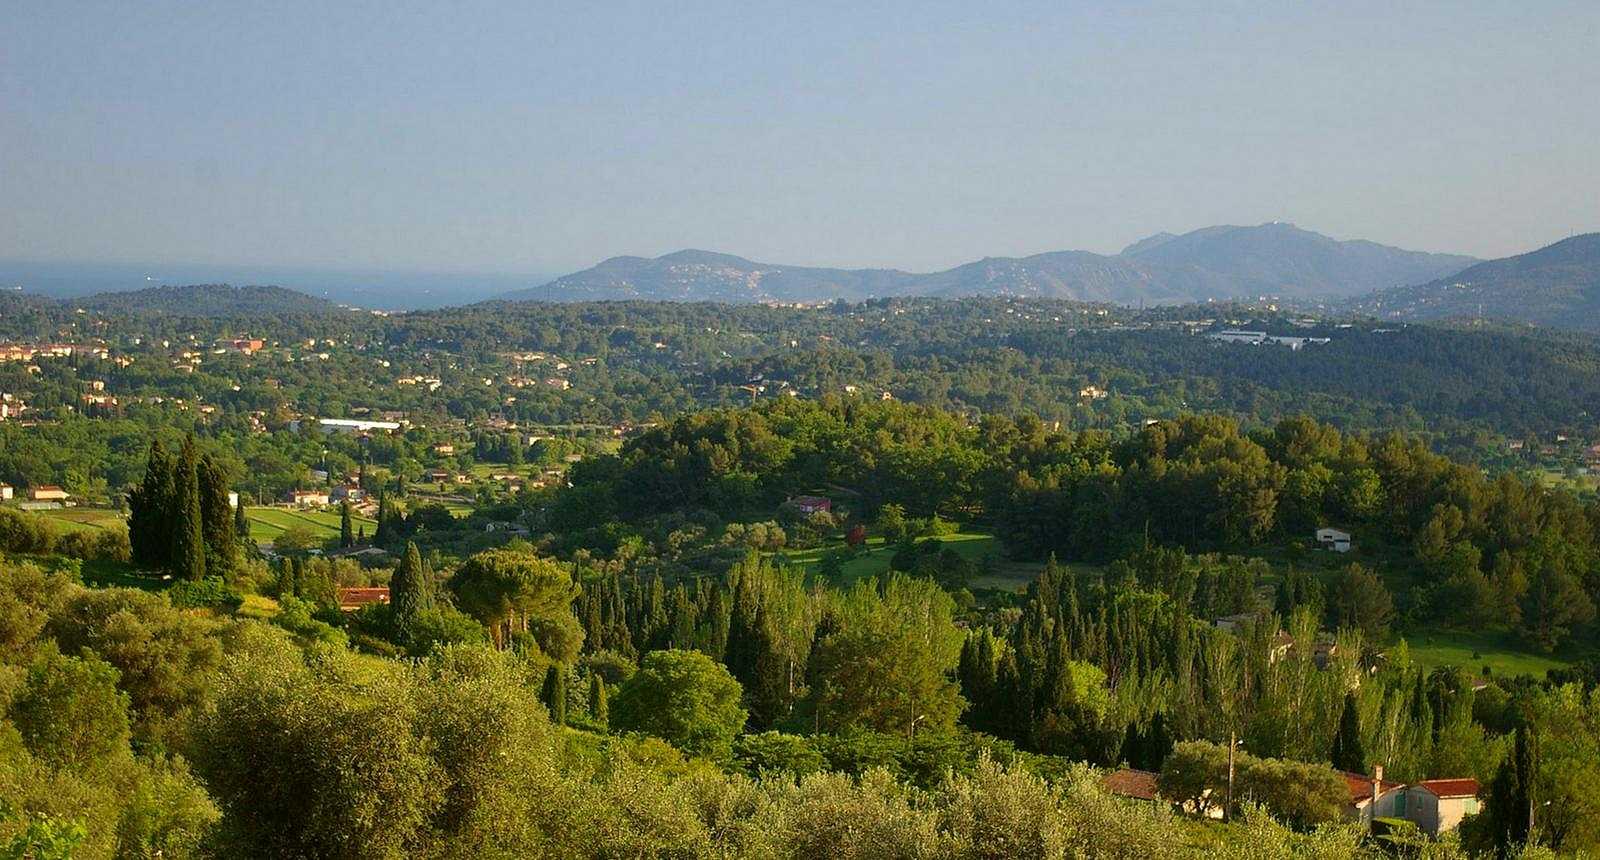 Panorama sur les alentours de Grasse